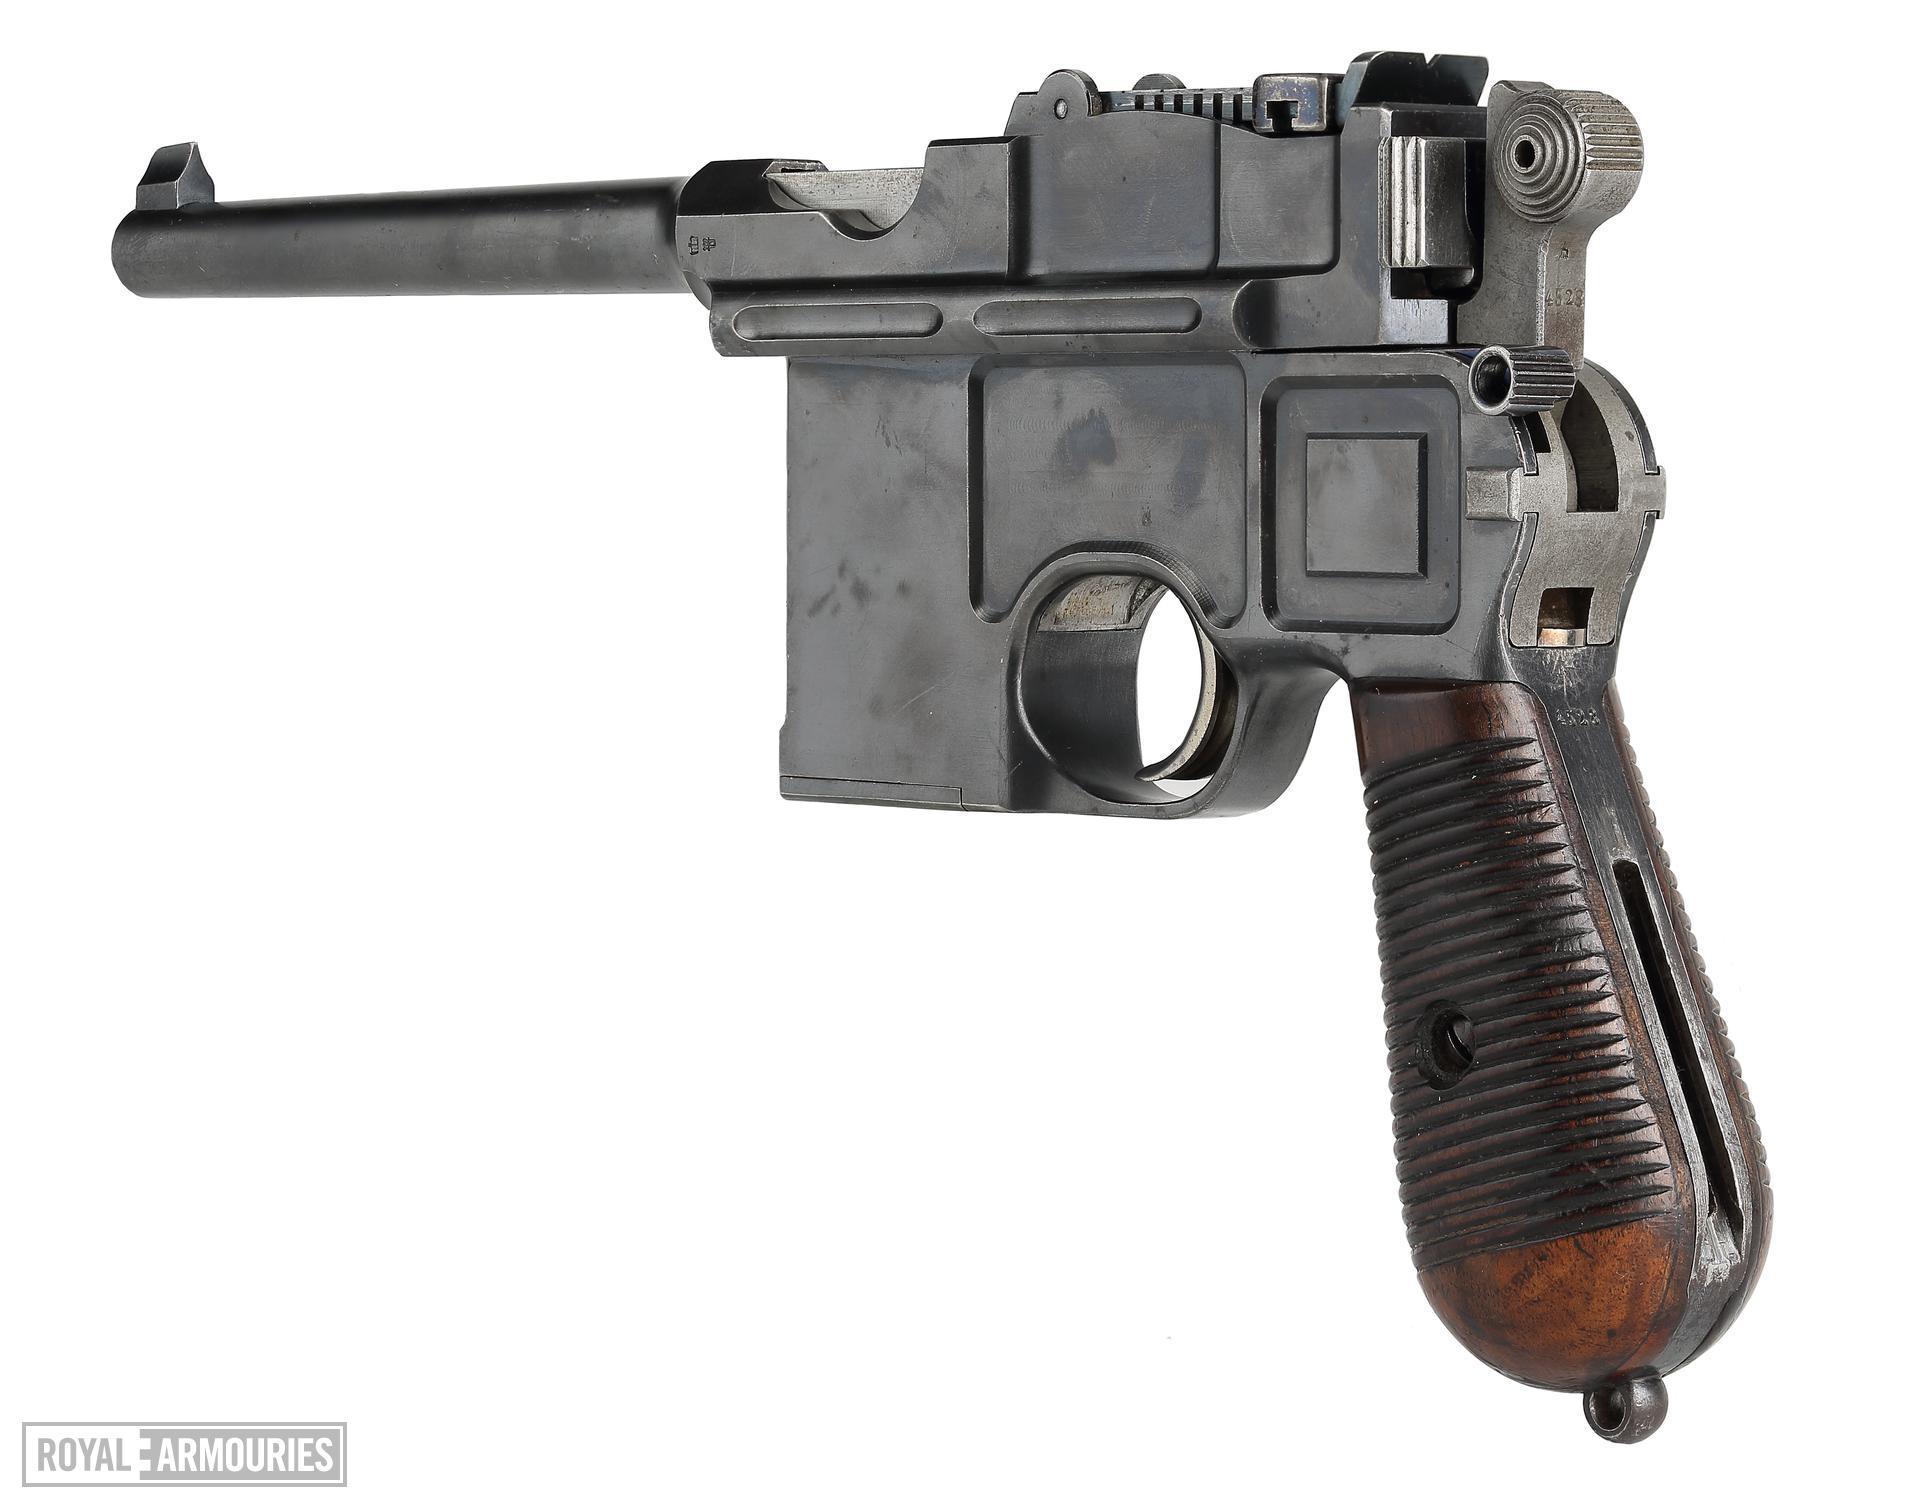 Centrefire self-loading pistol - Mauser C96